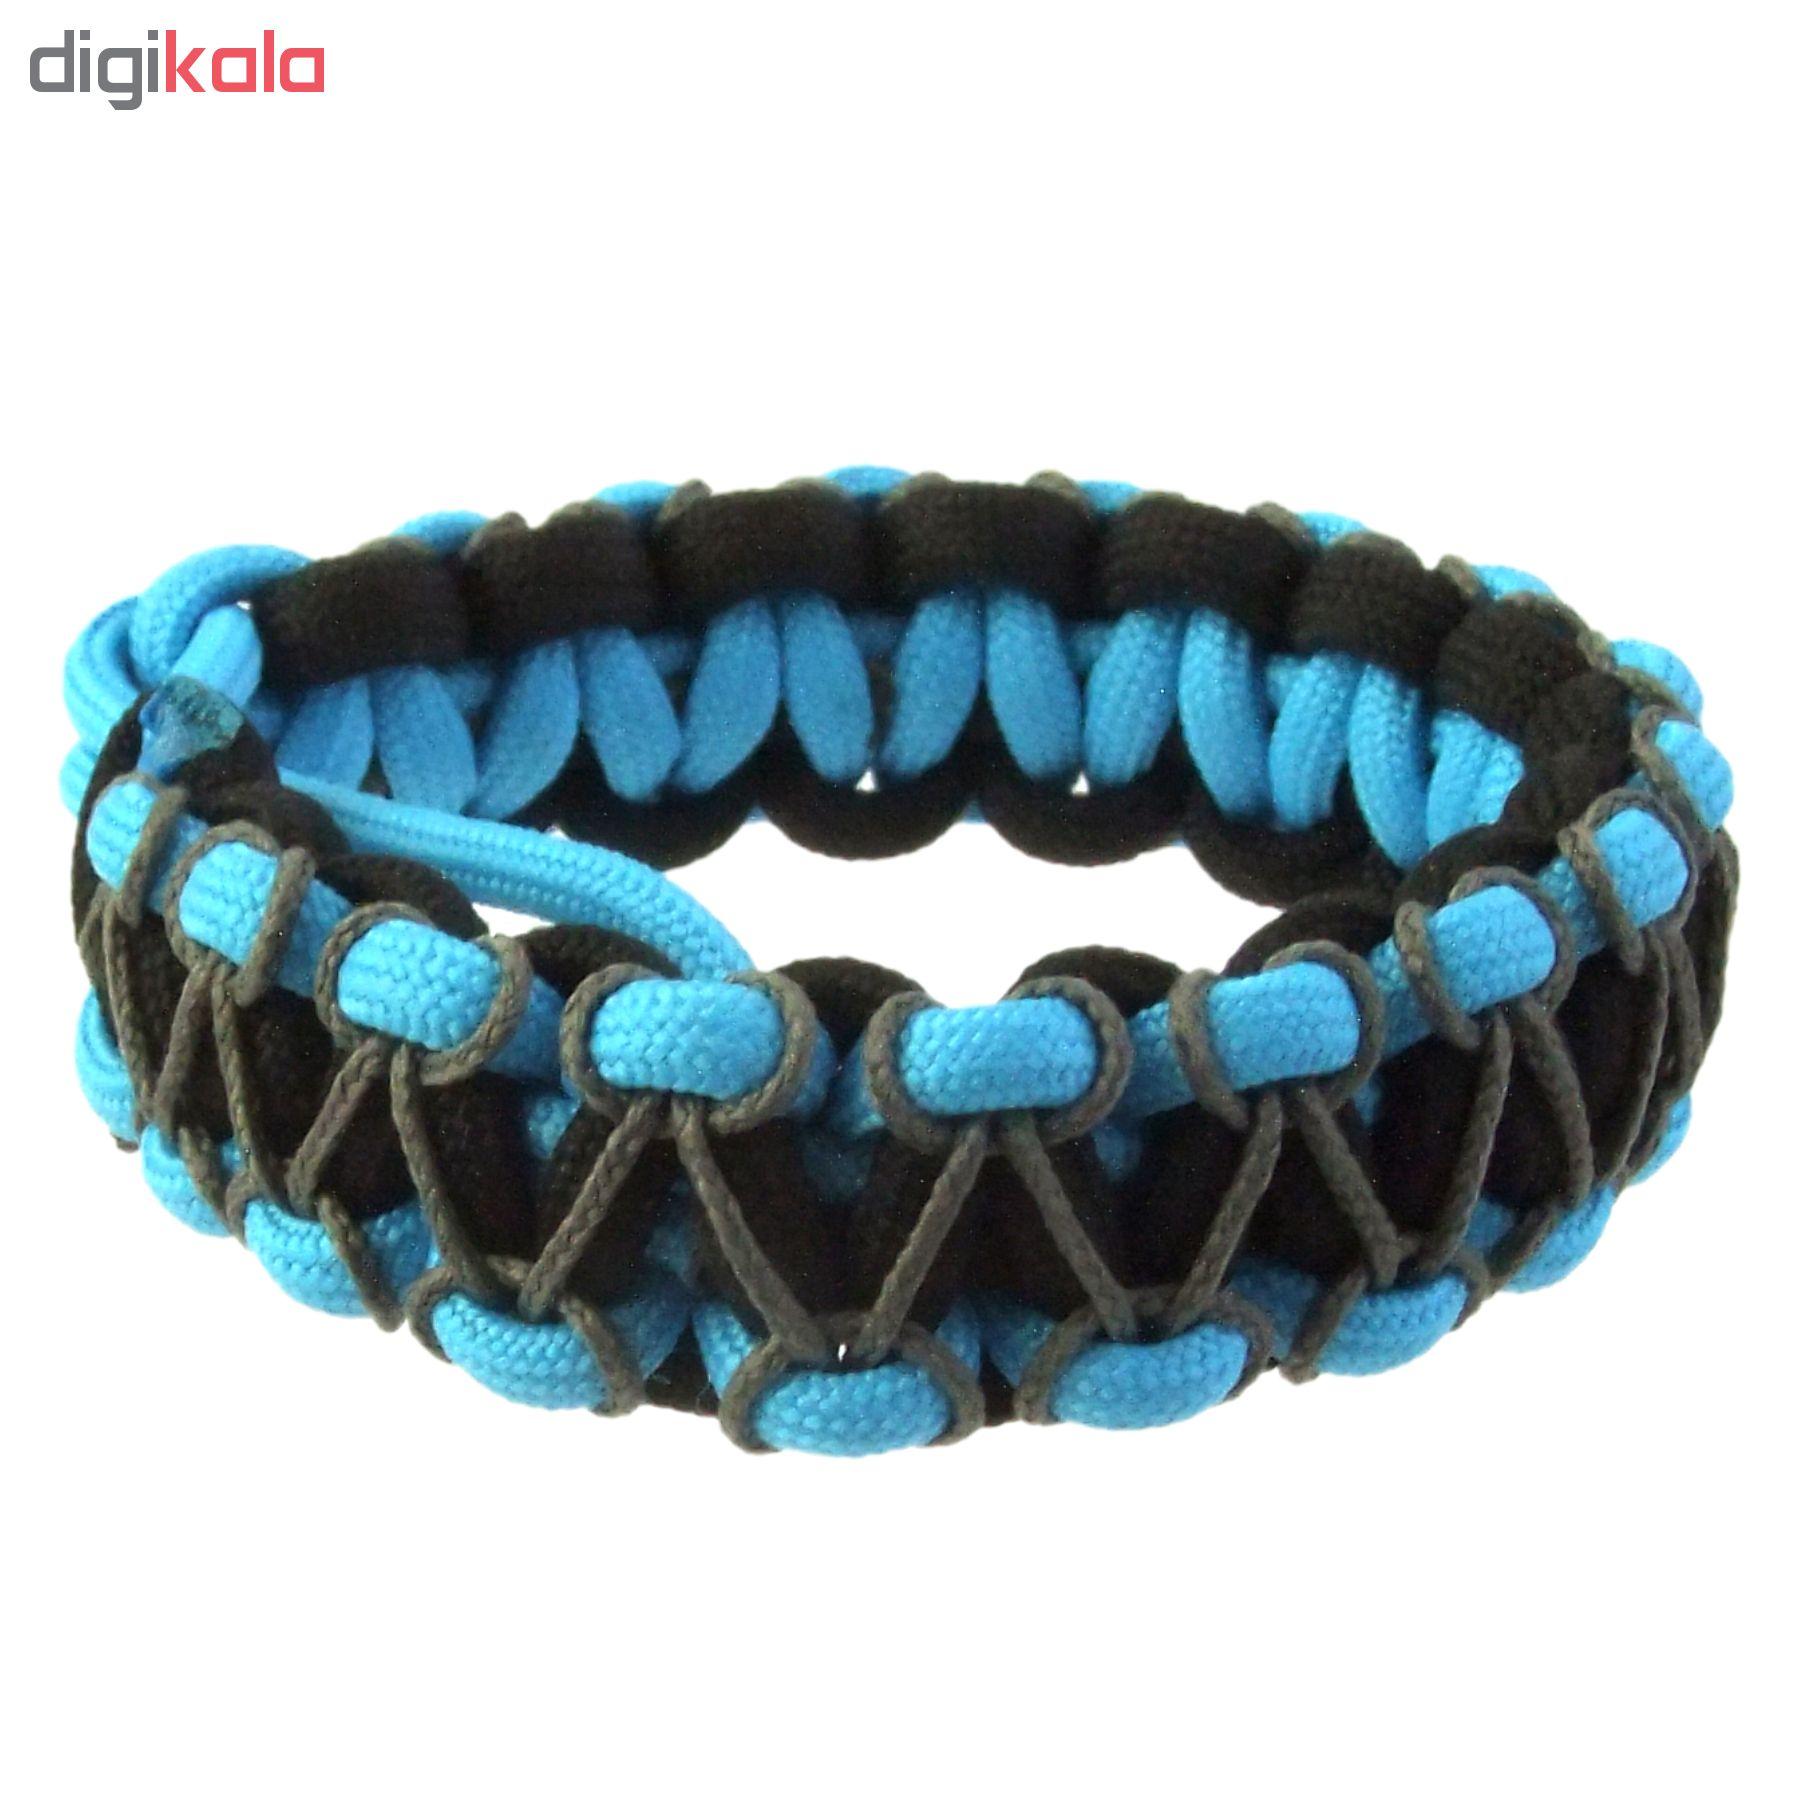 دستبند پاراکورد مدل Ice cobra Max